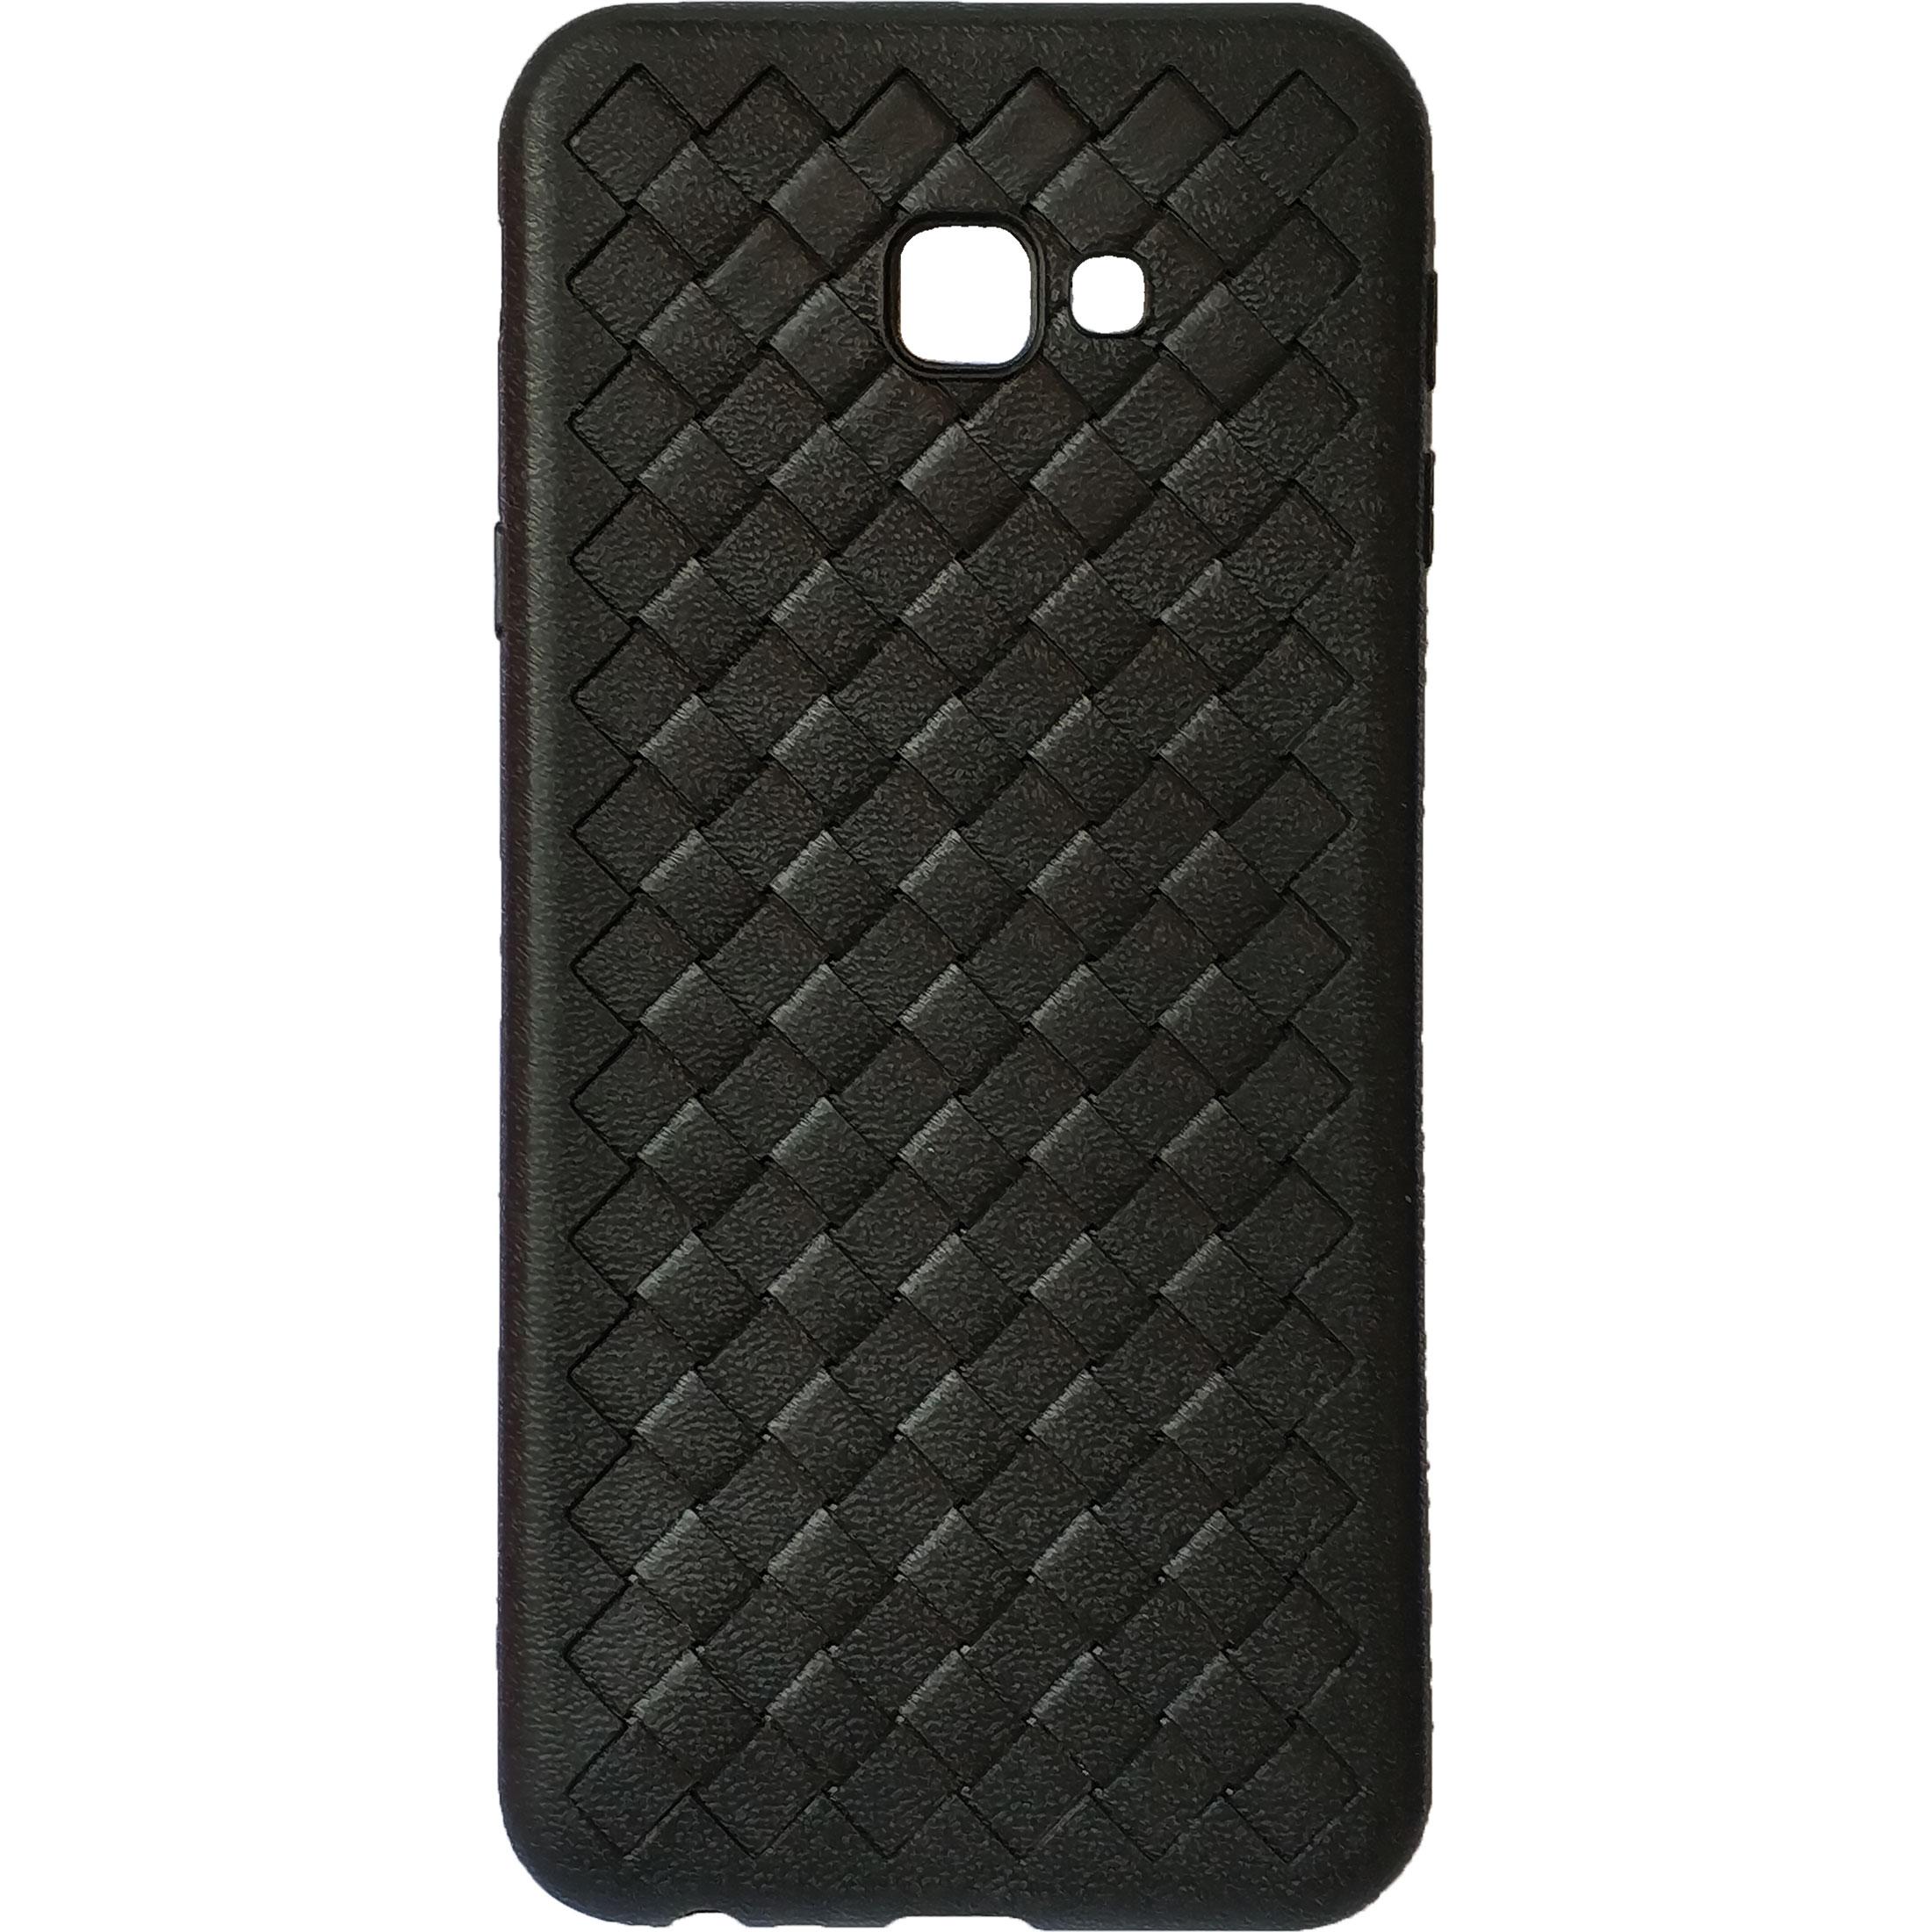 کاور موبایل مدل Paper-Cut مناسب برای گوشی سامسونگ J4 Plus